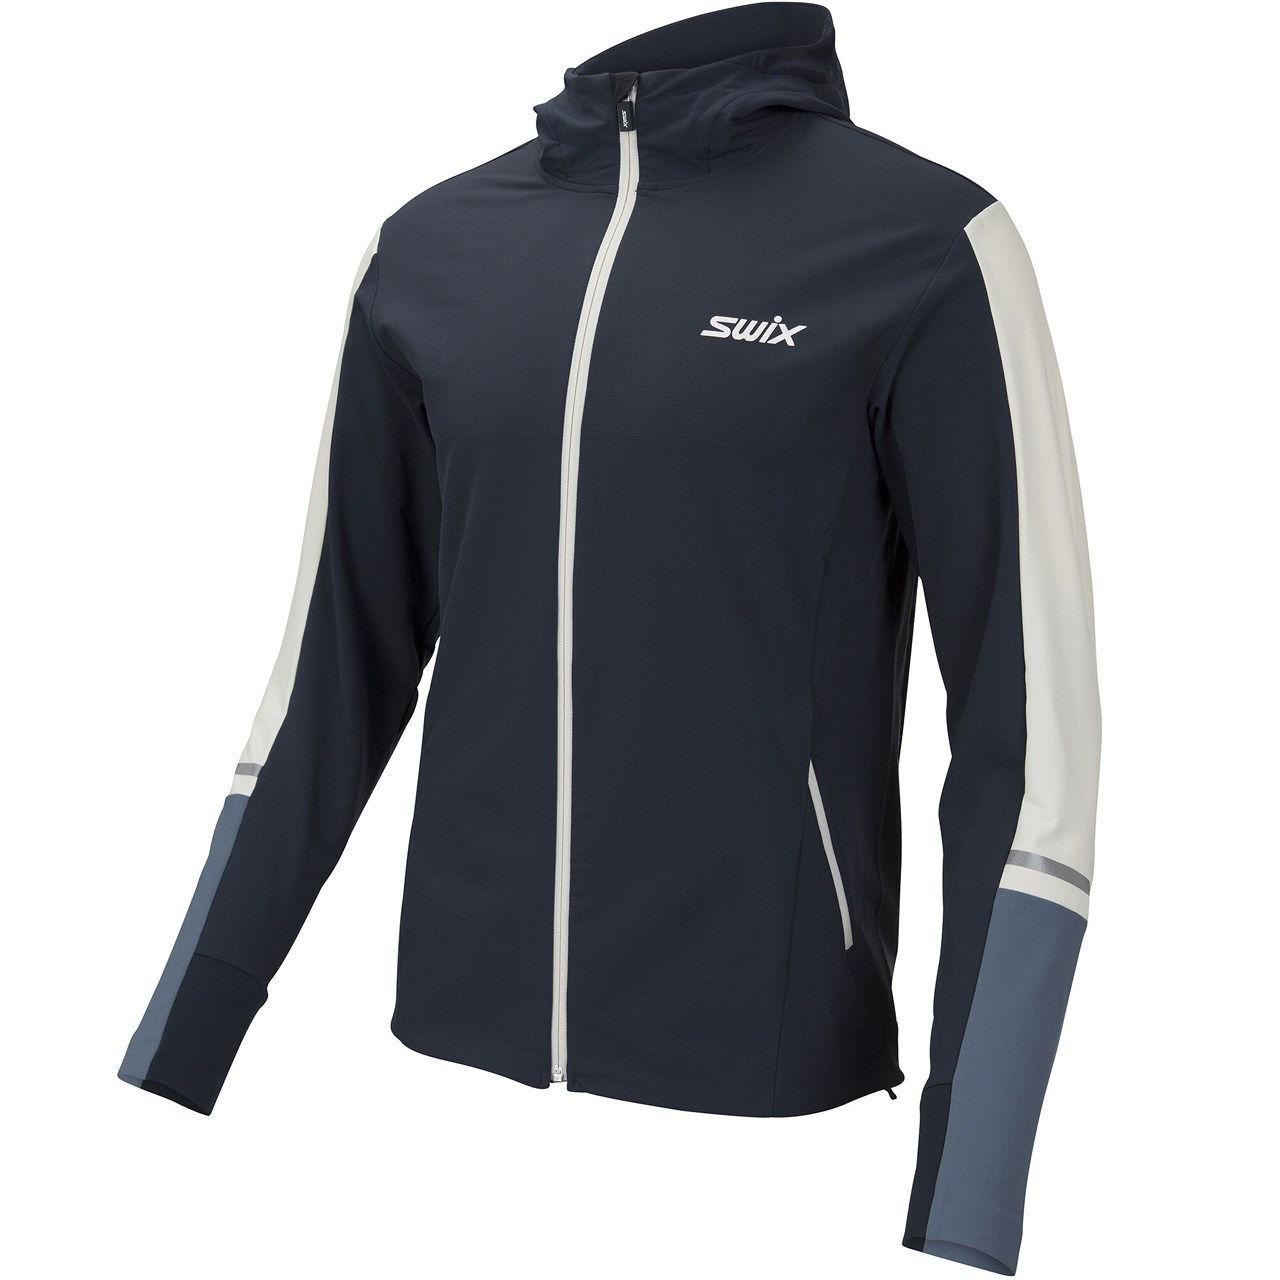 Bilde av Evolution softshield jacket M